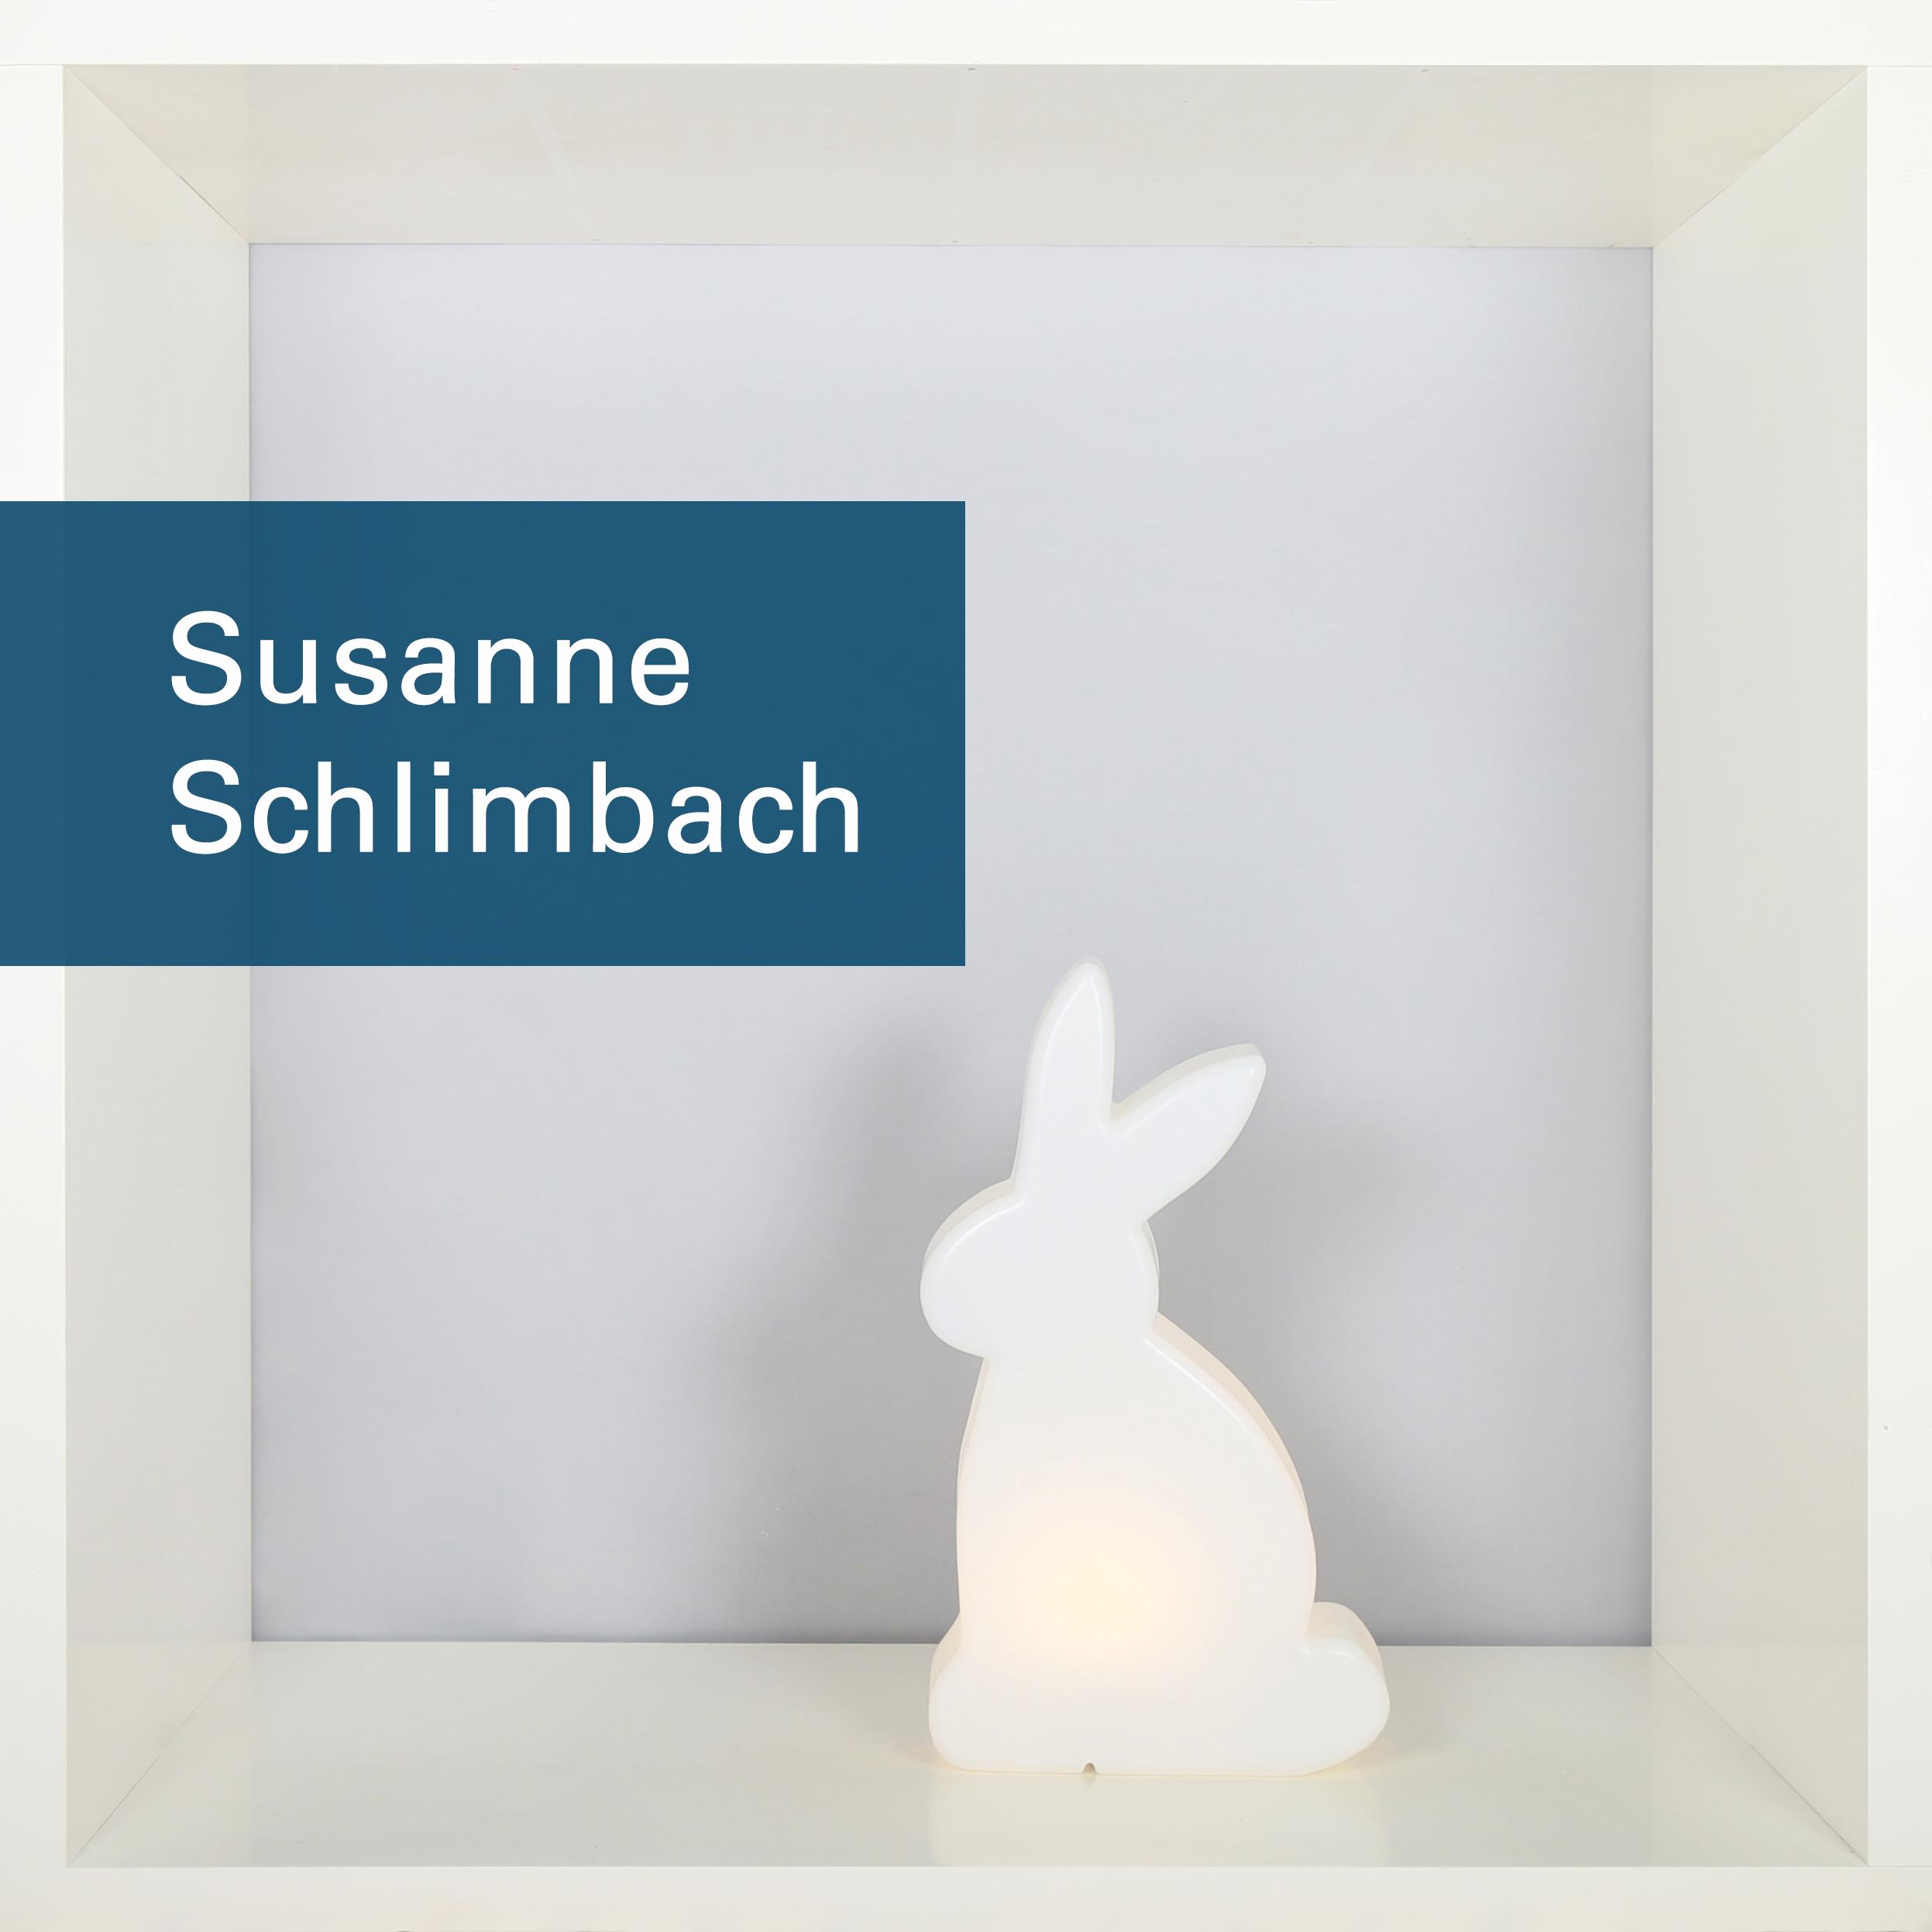 Susanne Schlimbach